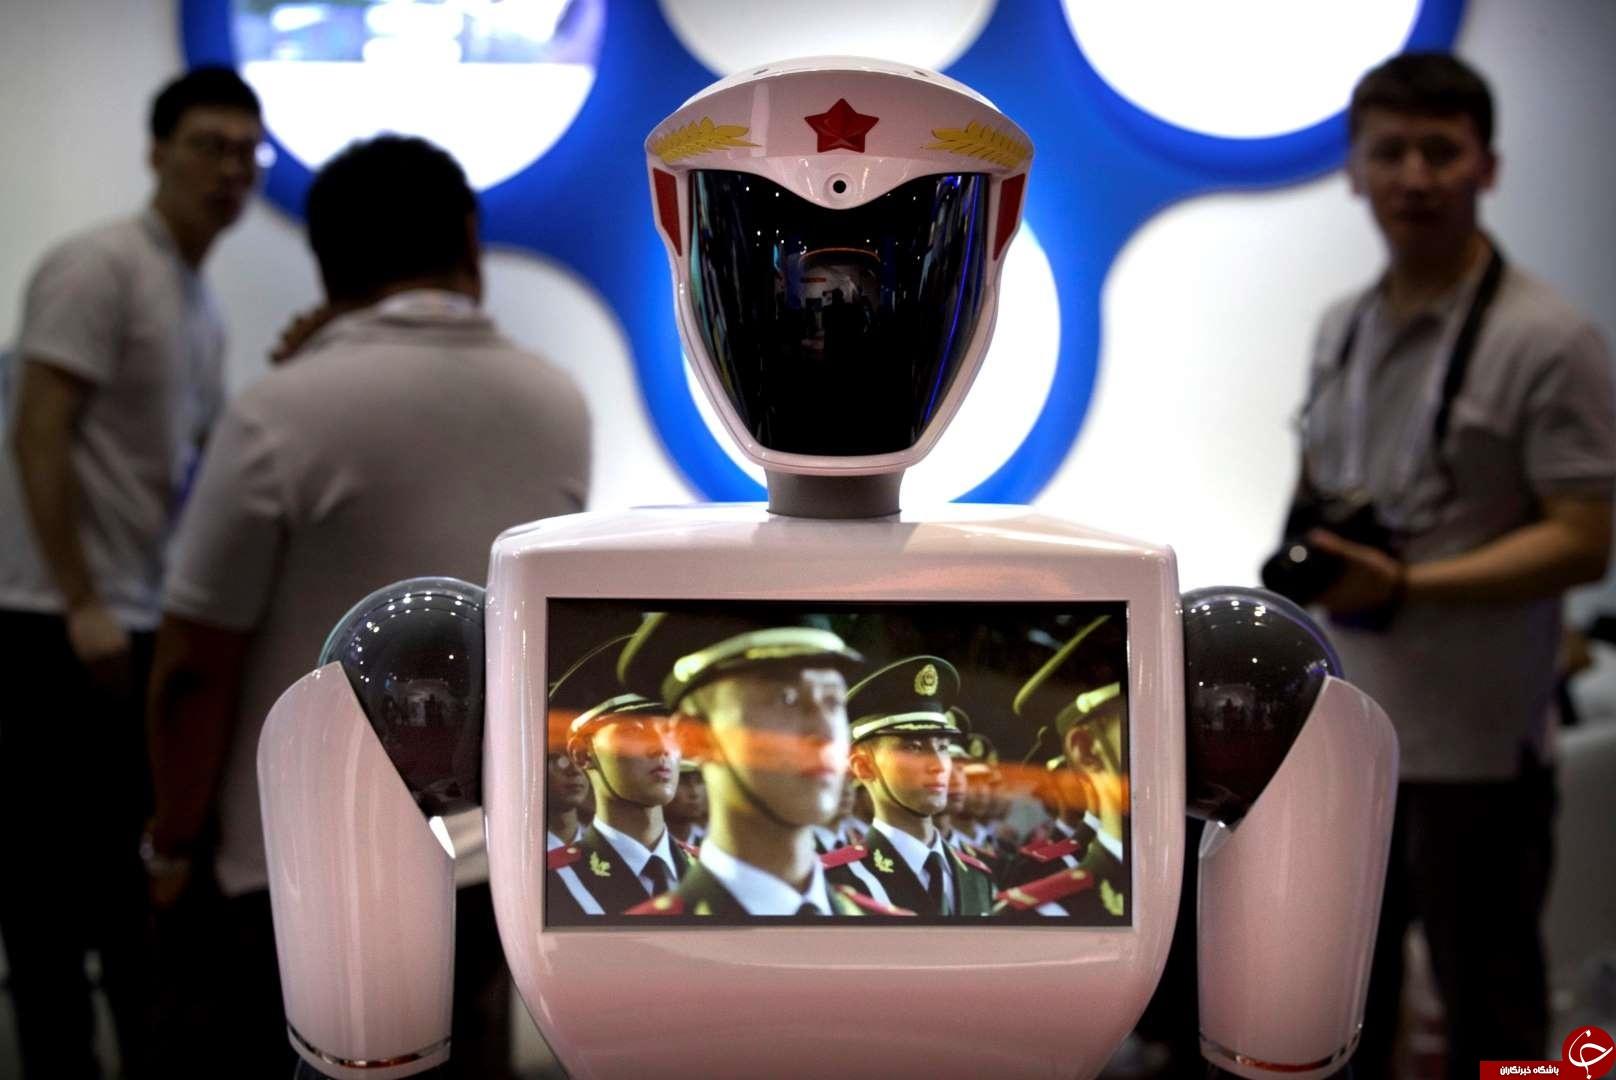 همایش بین المللی جدیدترین دستاوردهای فناوری و رباتیک در پکن برگزار شد +تصاویر